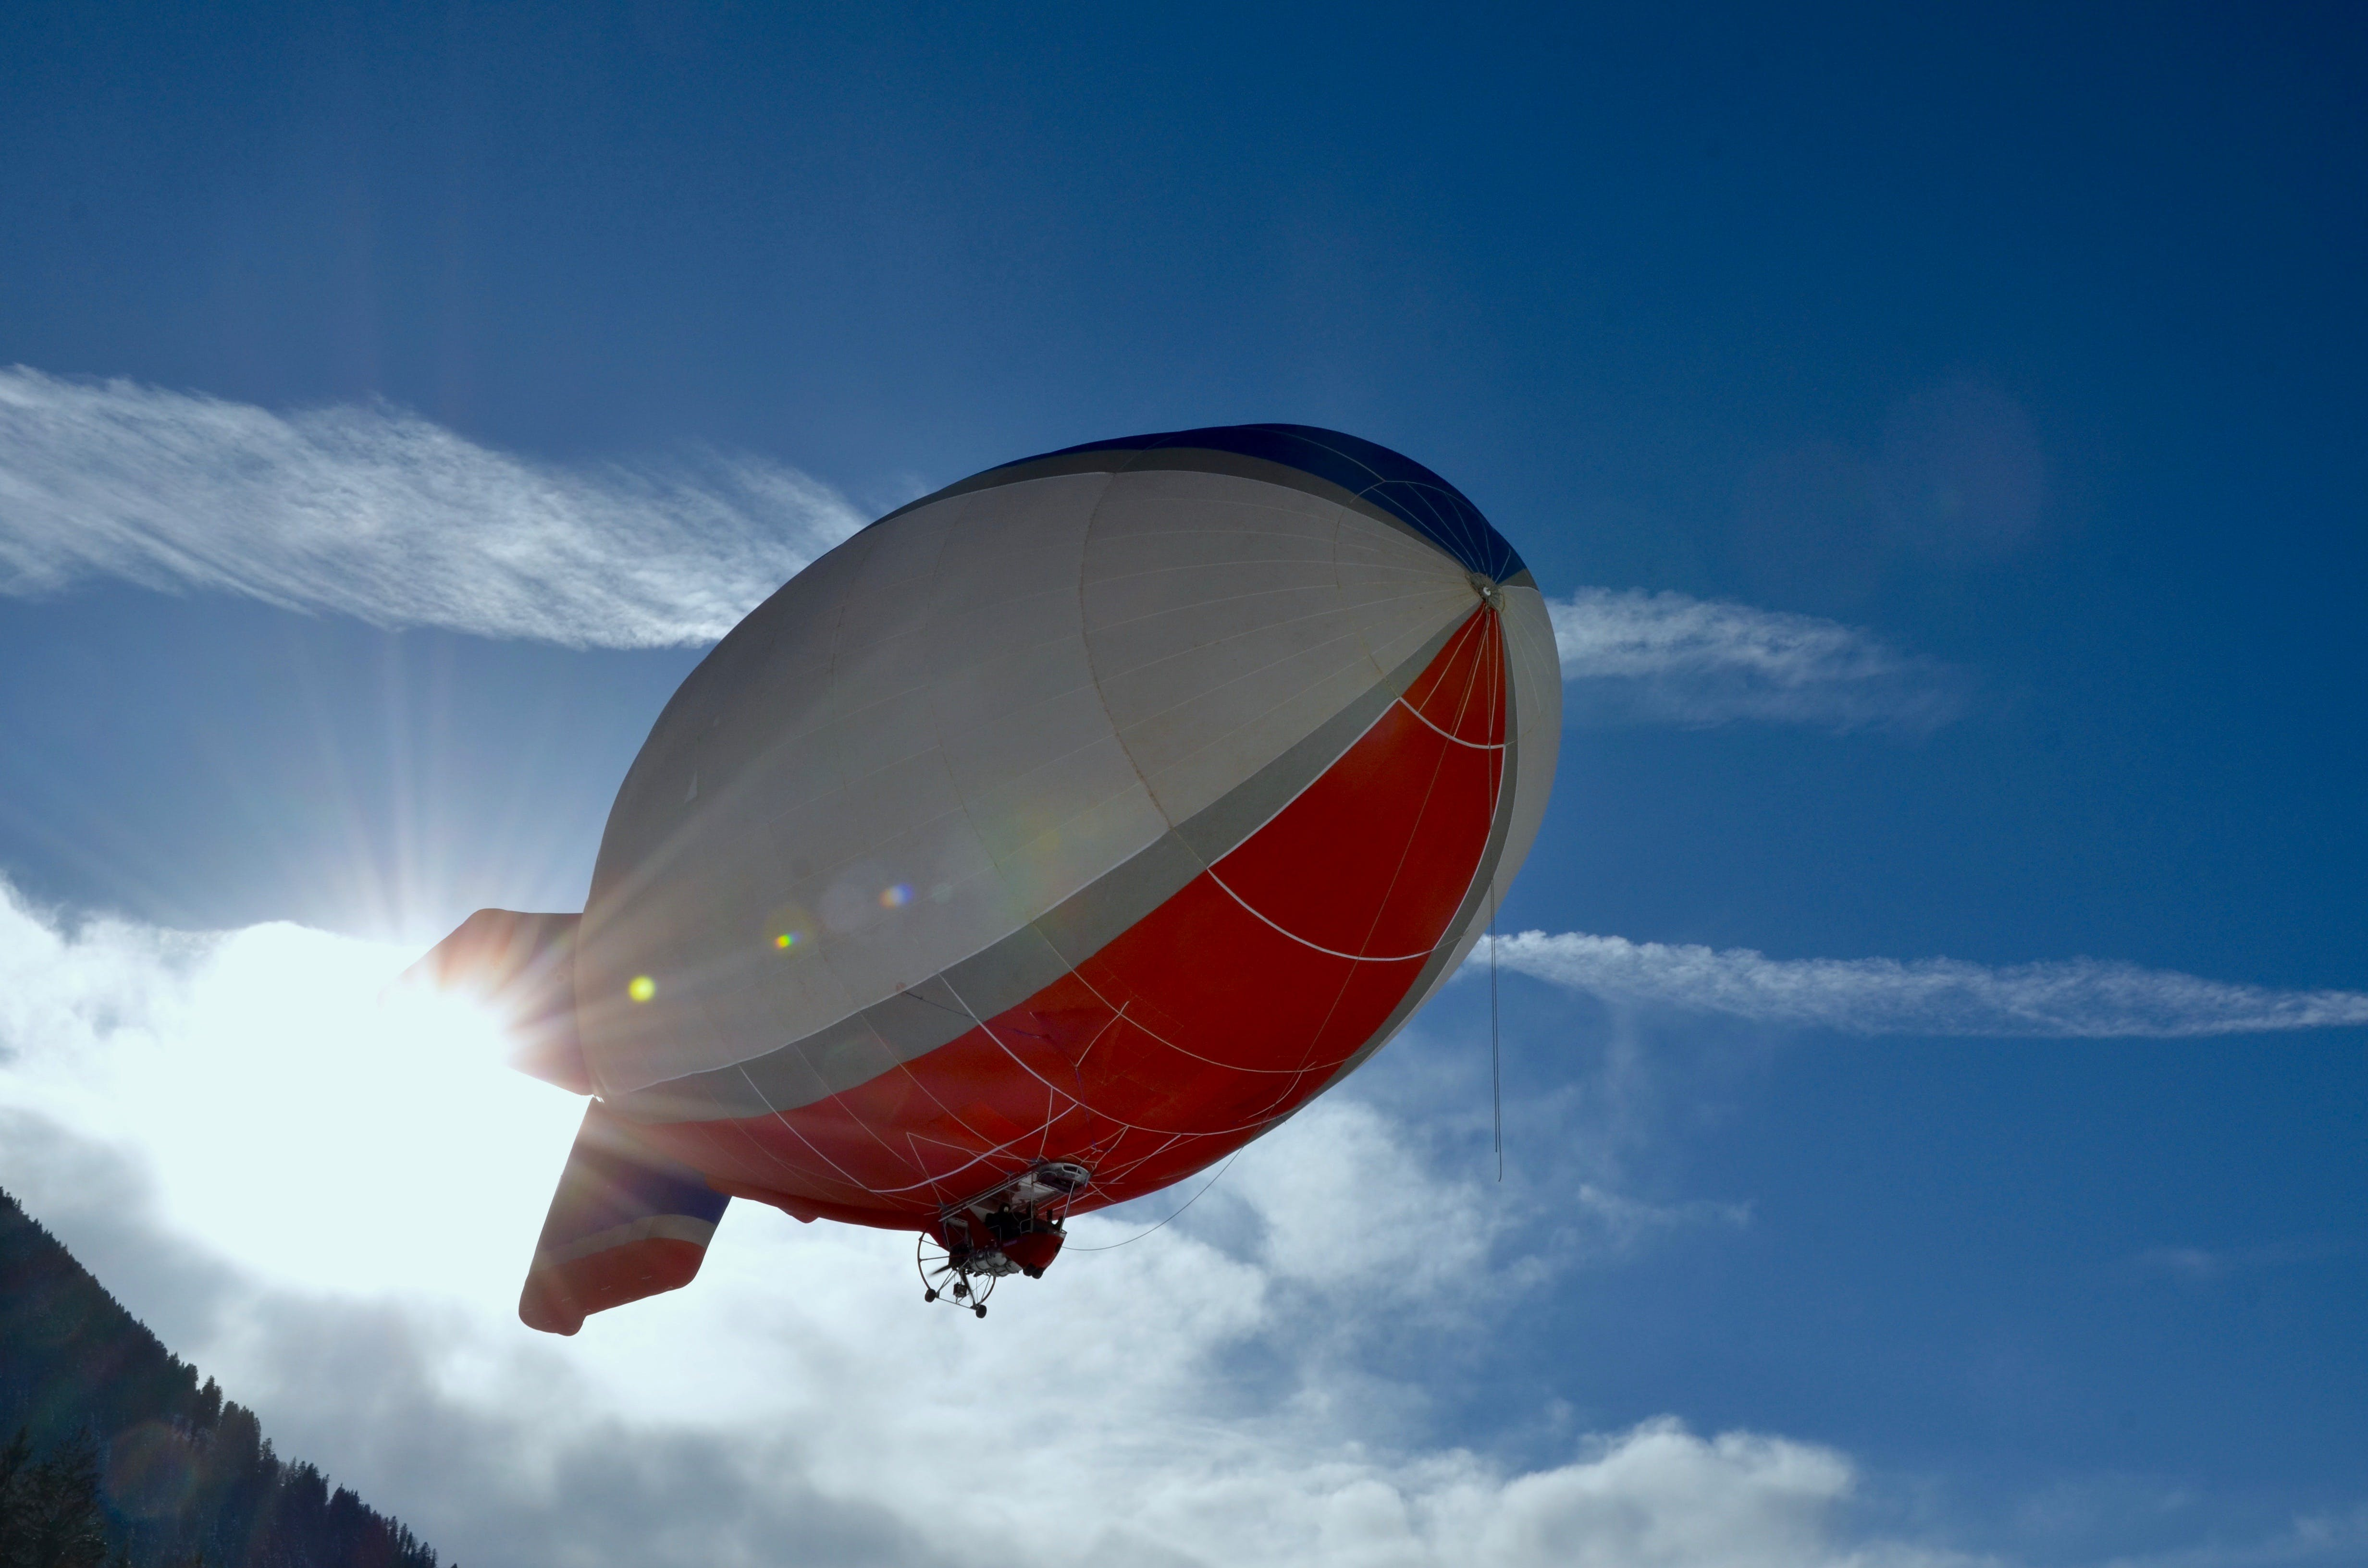 auringonsäde, ilmailu, ilmapallo